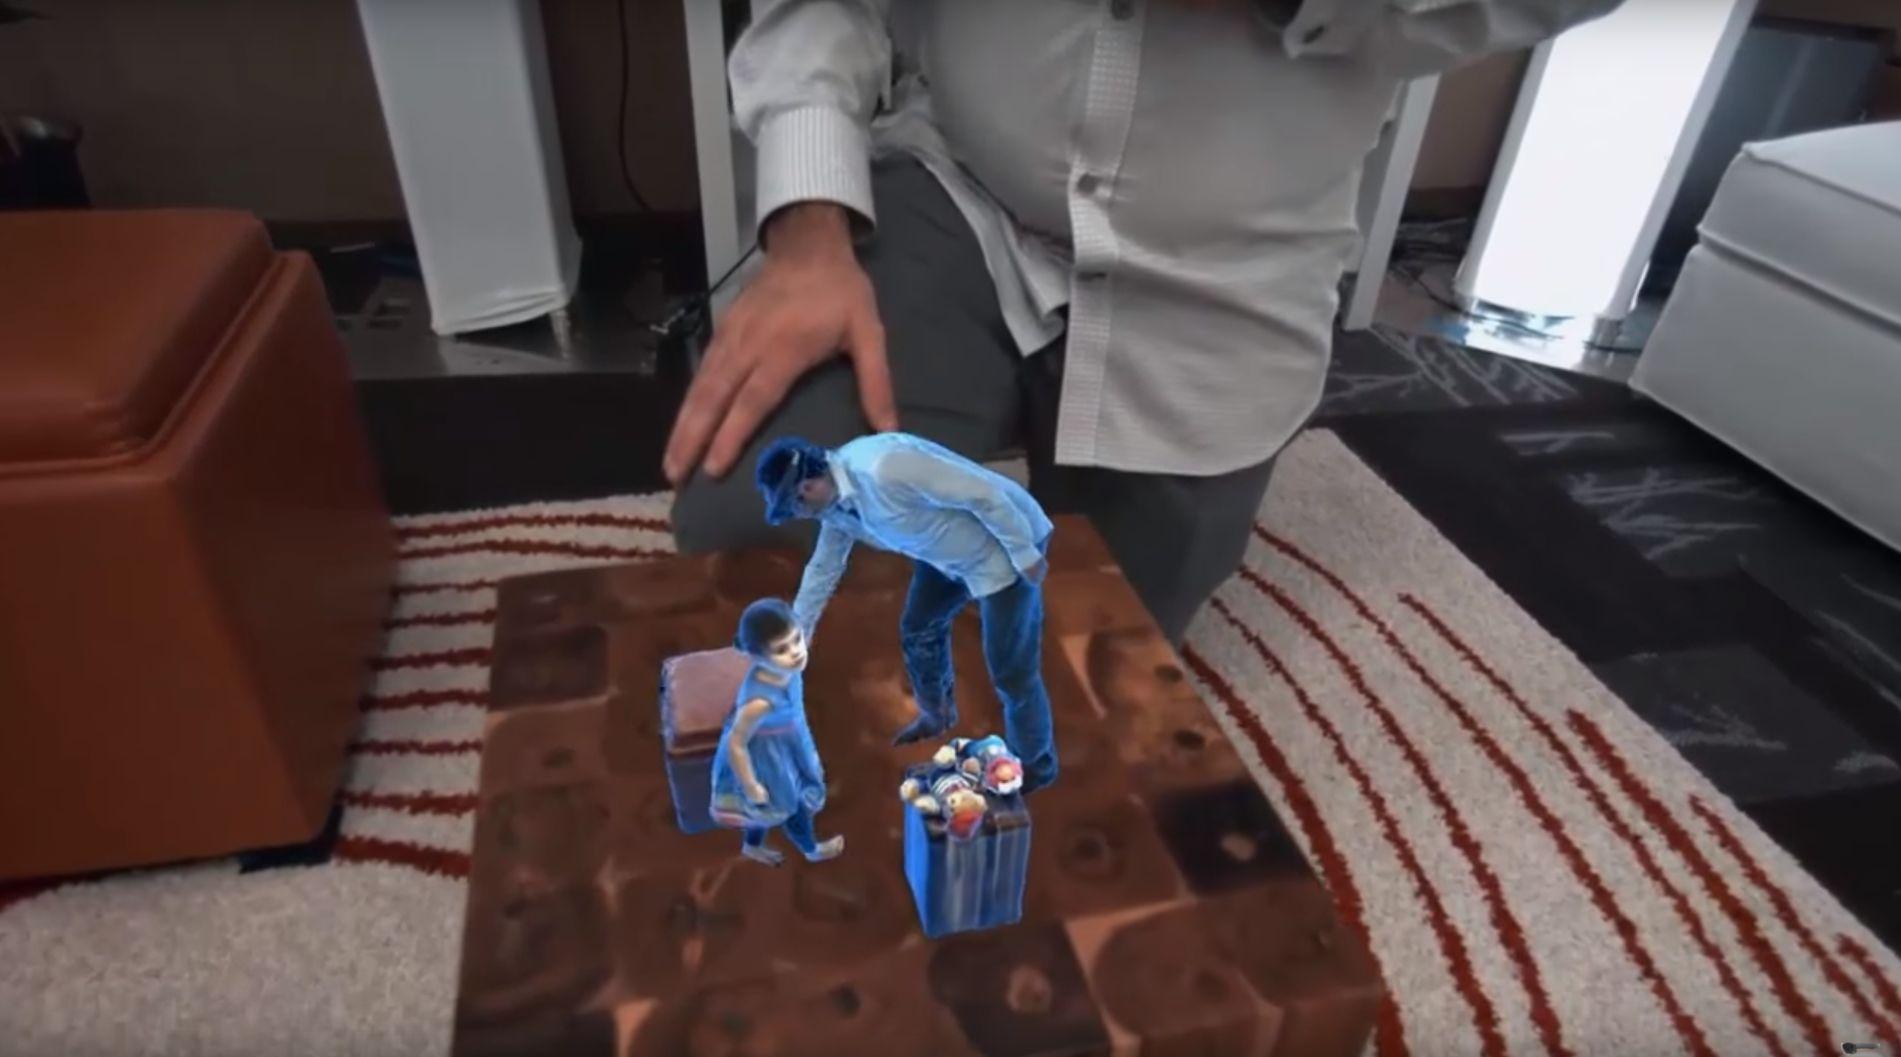 Hololens Holoportation : les hologrammes de Star Wars sont maintenant une réalité